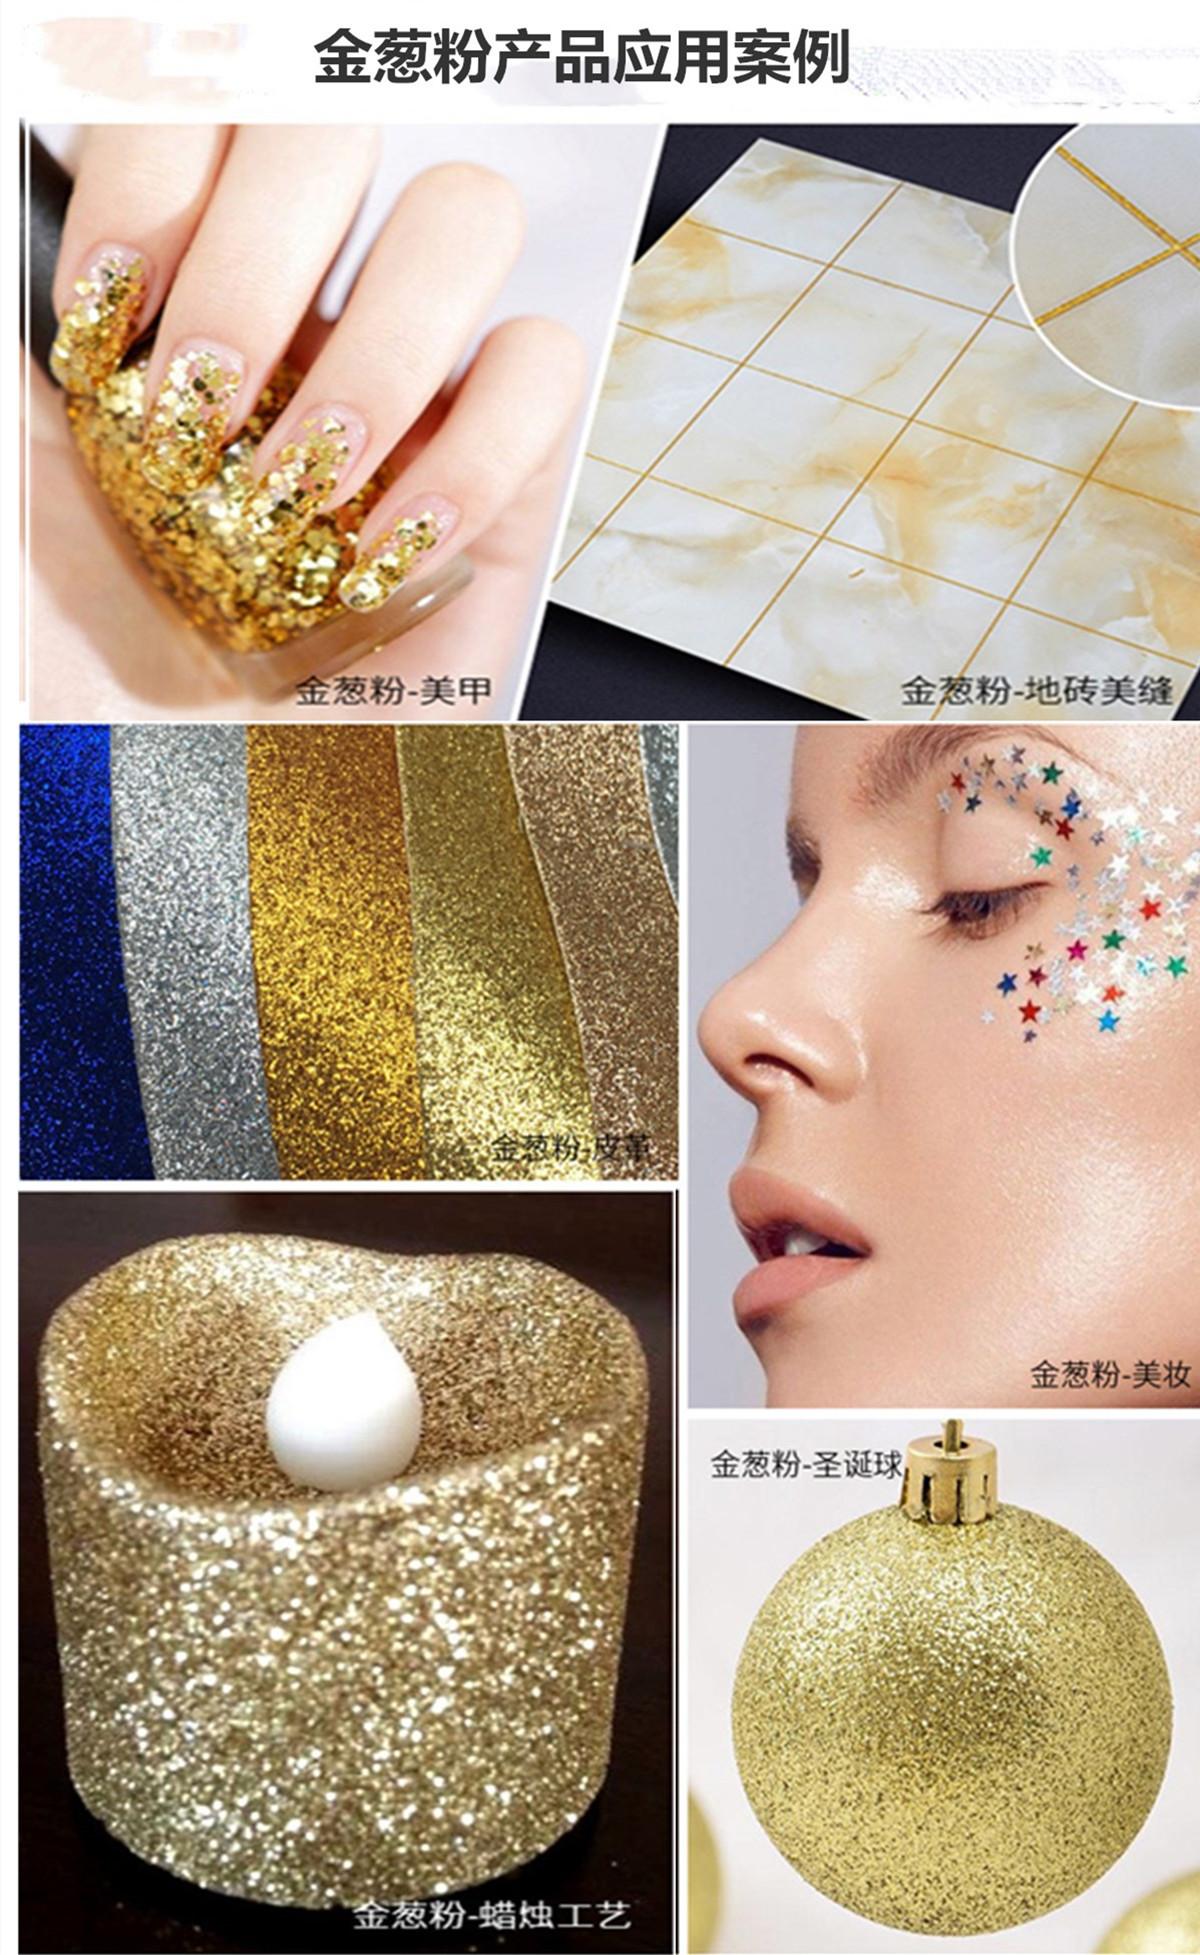 金葱粉产品案例.jpg